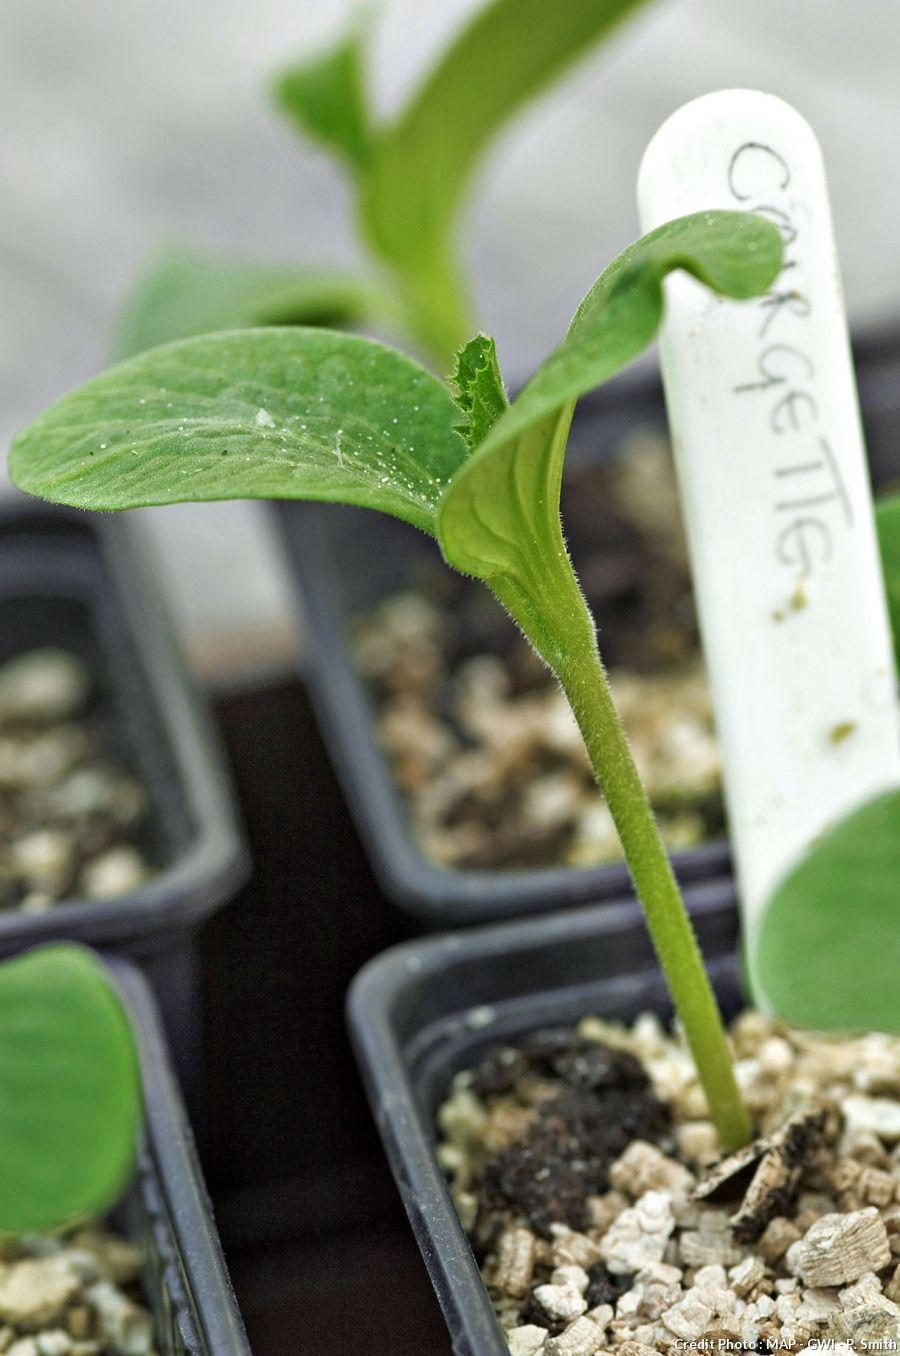 semis nos conseils pour les r ussir coup s r jardinage vegetable garden garden et plants. Black Bedroom Furniture Sets. Home Design Ideas